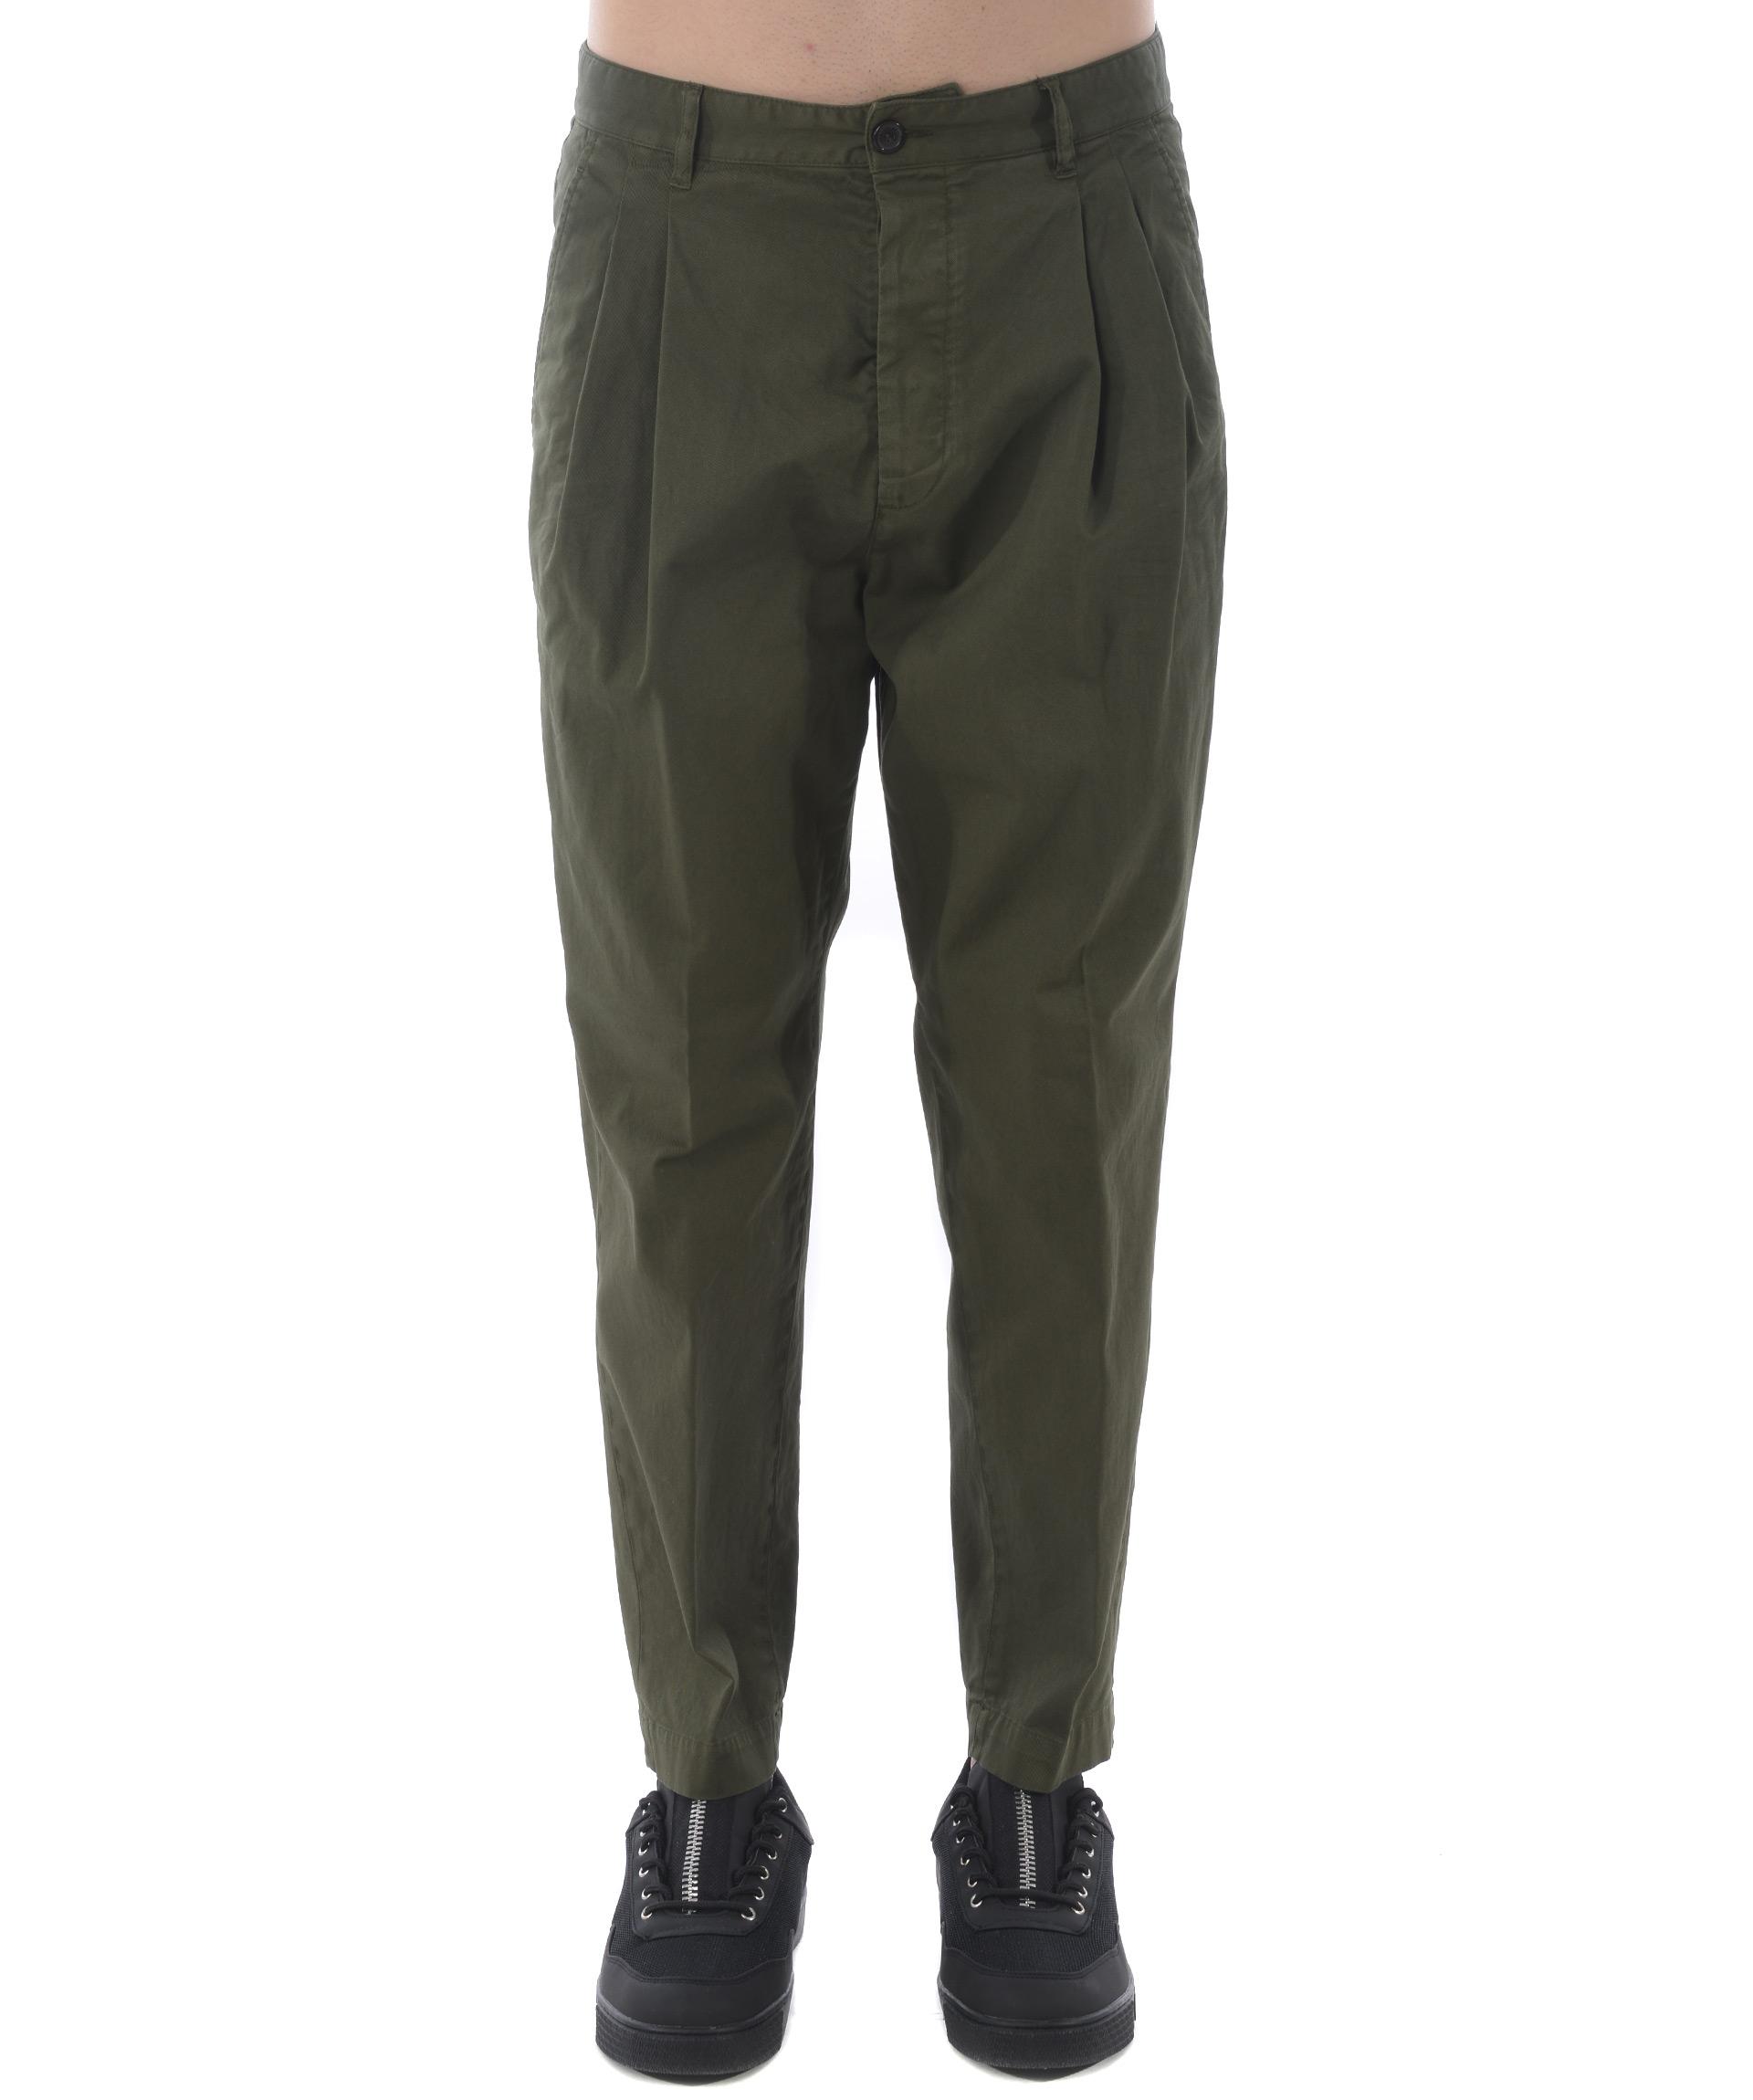 migliore a buon mercato e7e5e 9f2ee Pantaloni Dsquared2